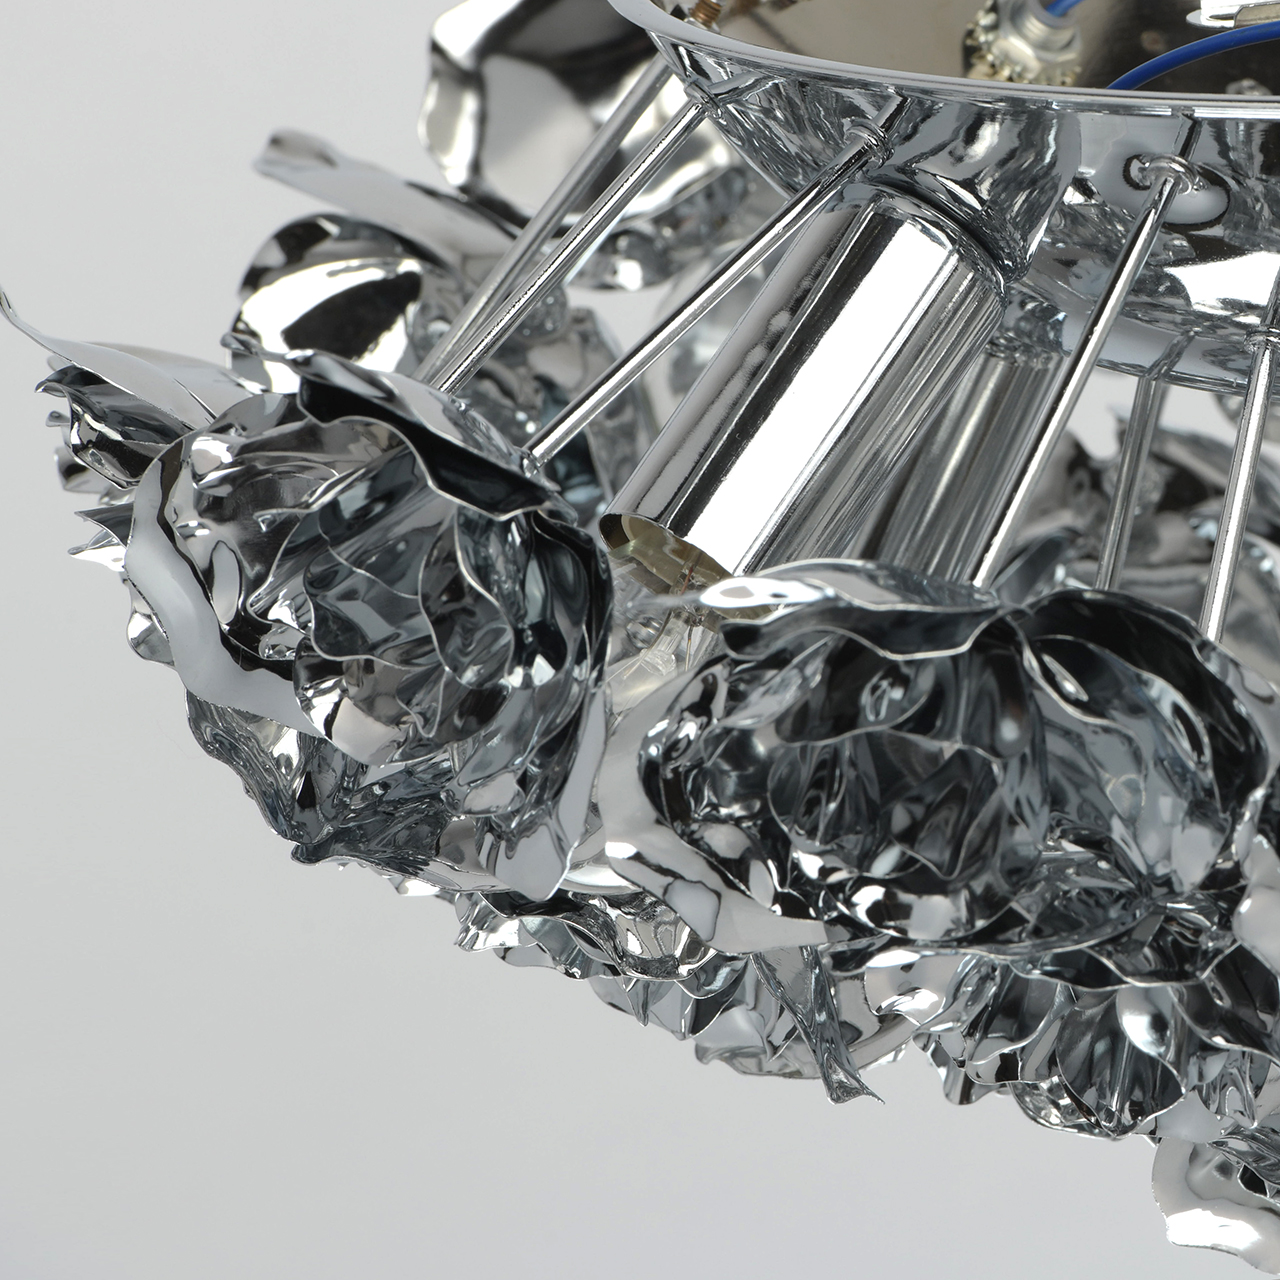 внимание картинка металл хром современной